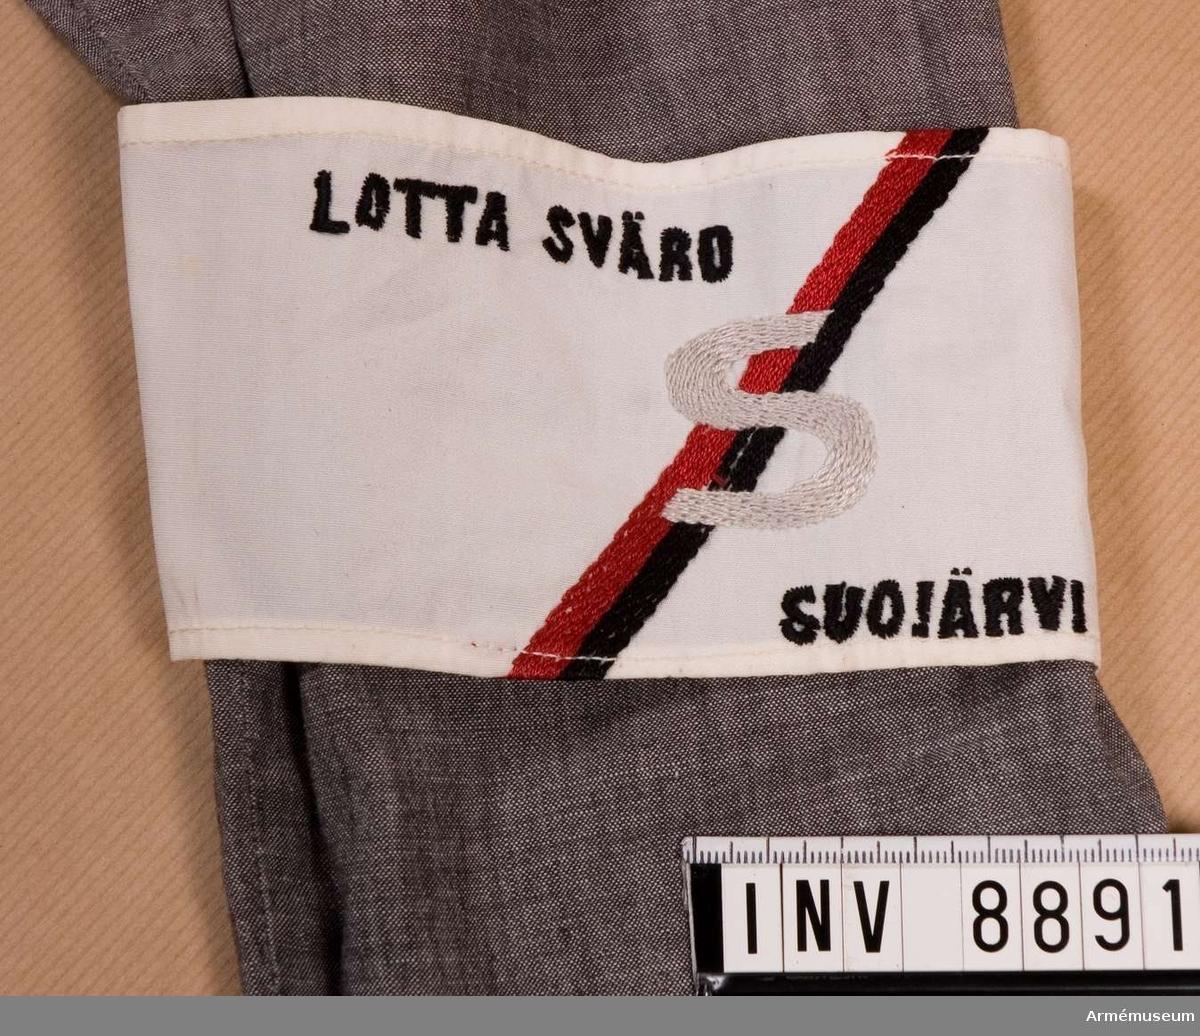 Längd 400 mm. Bredd 80 mm. Armbindel som ska sitta på vänster ärm på lottaklänningen Lotta Svärd. På snedden mitt på armbindeln en balk broderad i rött och svart silke. Mitt på balken ett broderat S i grått silke. På vänster sida därom vid övre kanten är det broderat med svart silke Lotta Svärd och nedtill på högra sidan Suojärvi som betecknar distriktet. S:et betecknar Sortala krets. Armbindeln är på insidan märkt med Sotamuseo nr 27650.2.  Samhörande nr är 8886 - 8894.